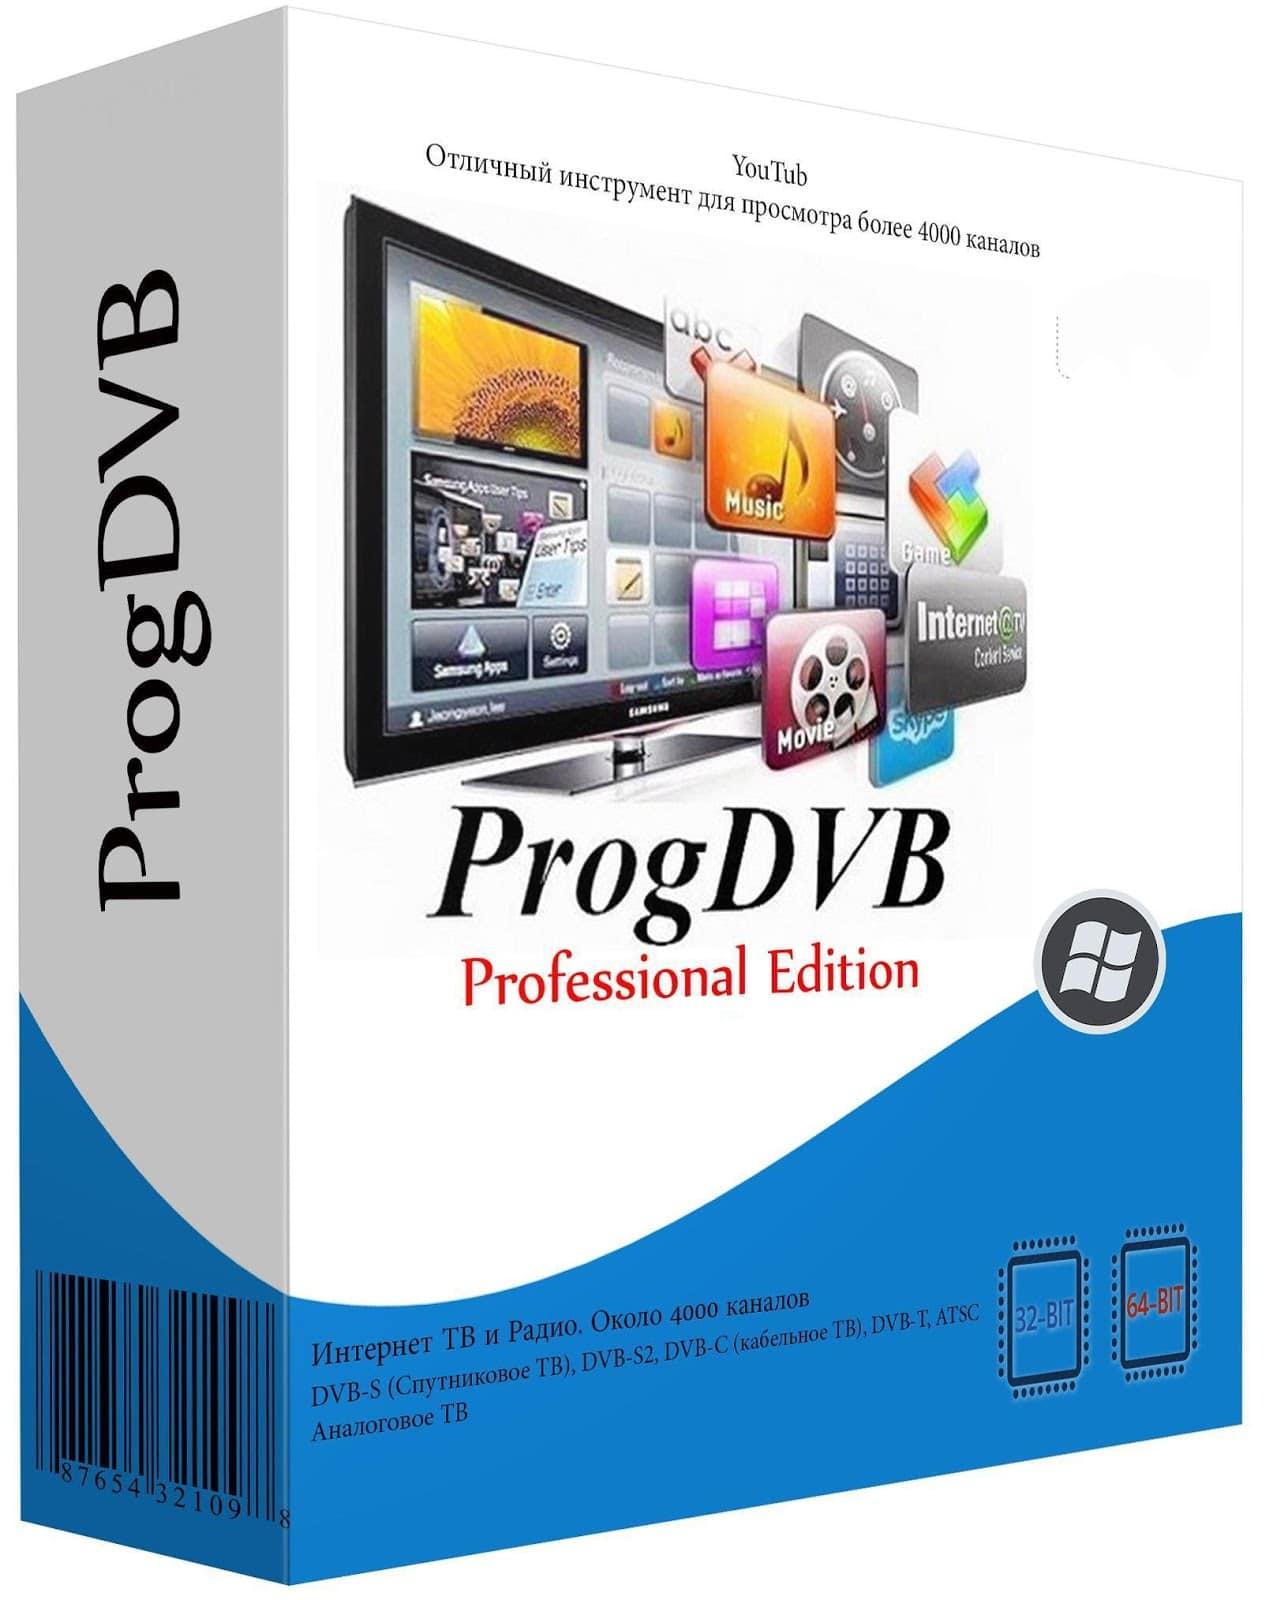 ProgDVB có thể làm gì, tải xuống, cài đặt và cấu hình nó ở đâu